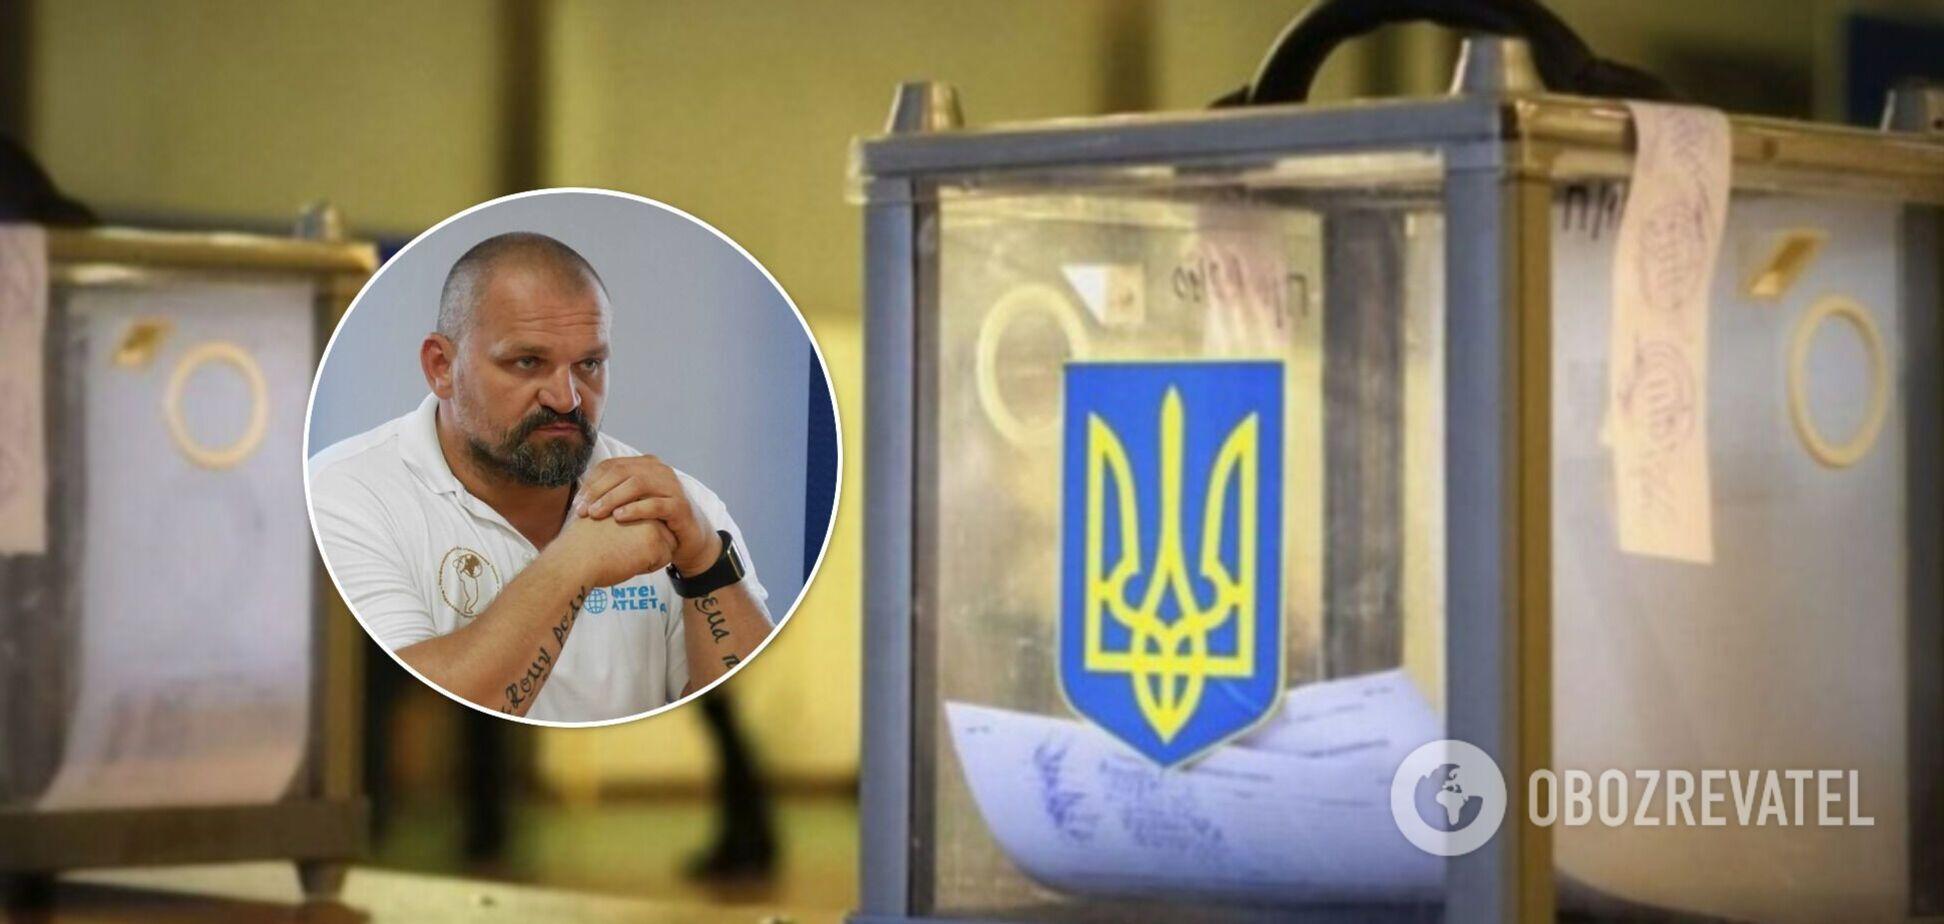 Вибори на Прикарпатті: підрахунок голосів відновили після візиту 'слуг'